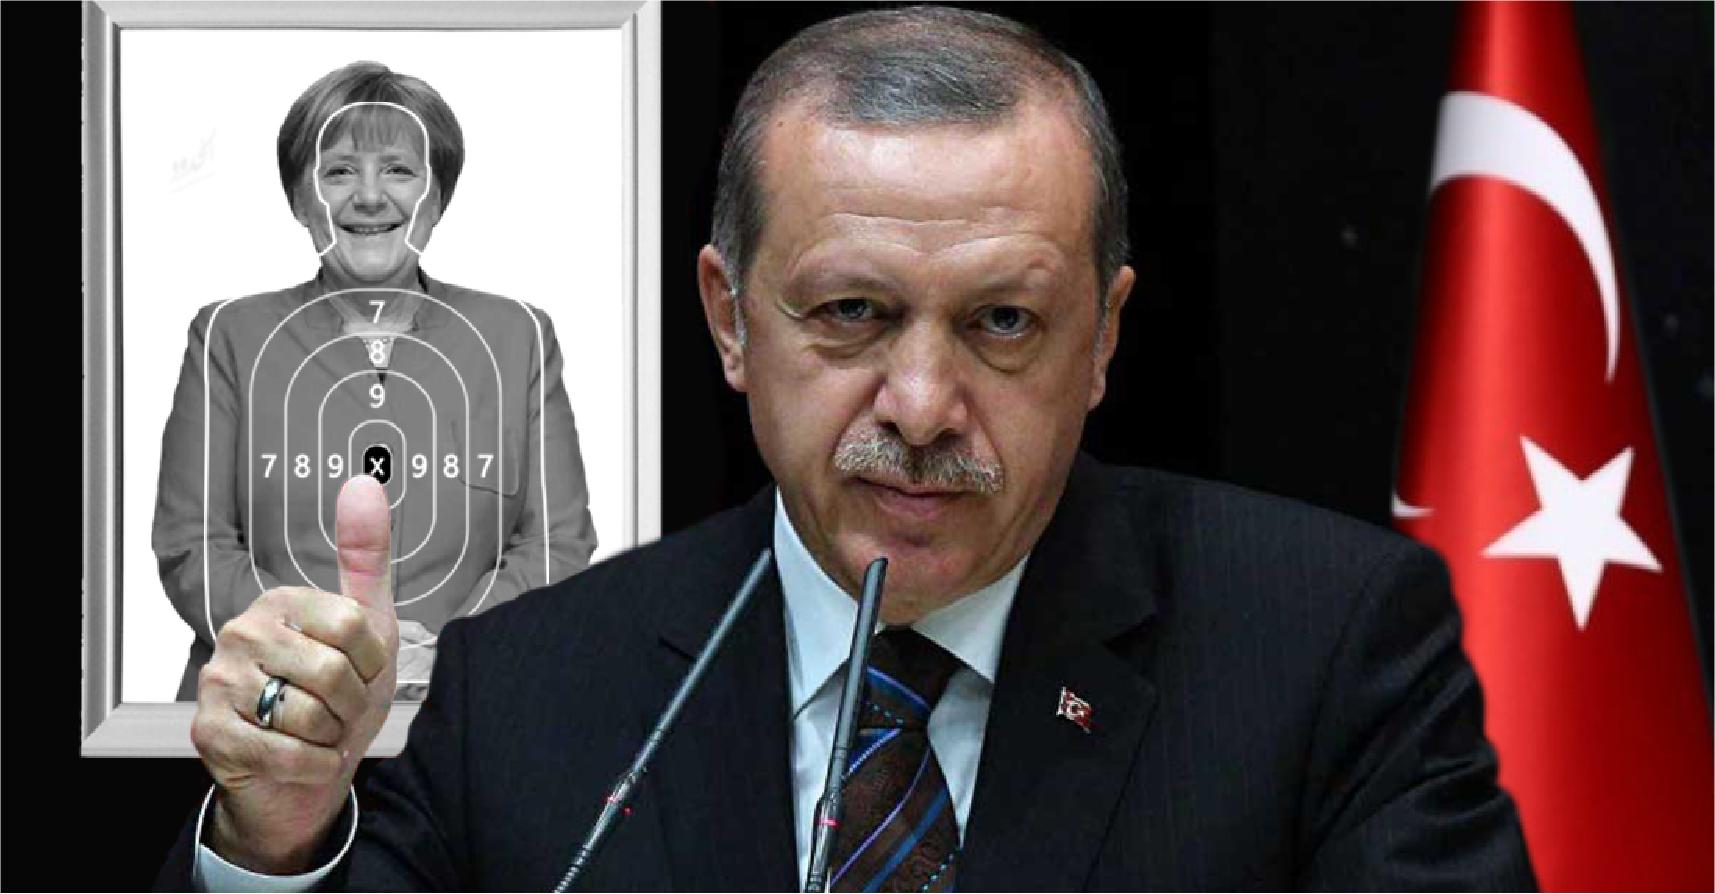 صورة إردوغان يؤكّد قبوله اعتذار الناتو إن وضعوا صورة ميركل بدلا منه للتصويب عليها